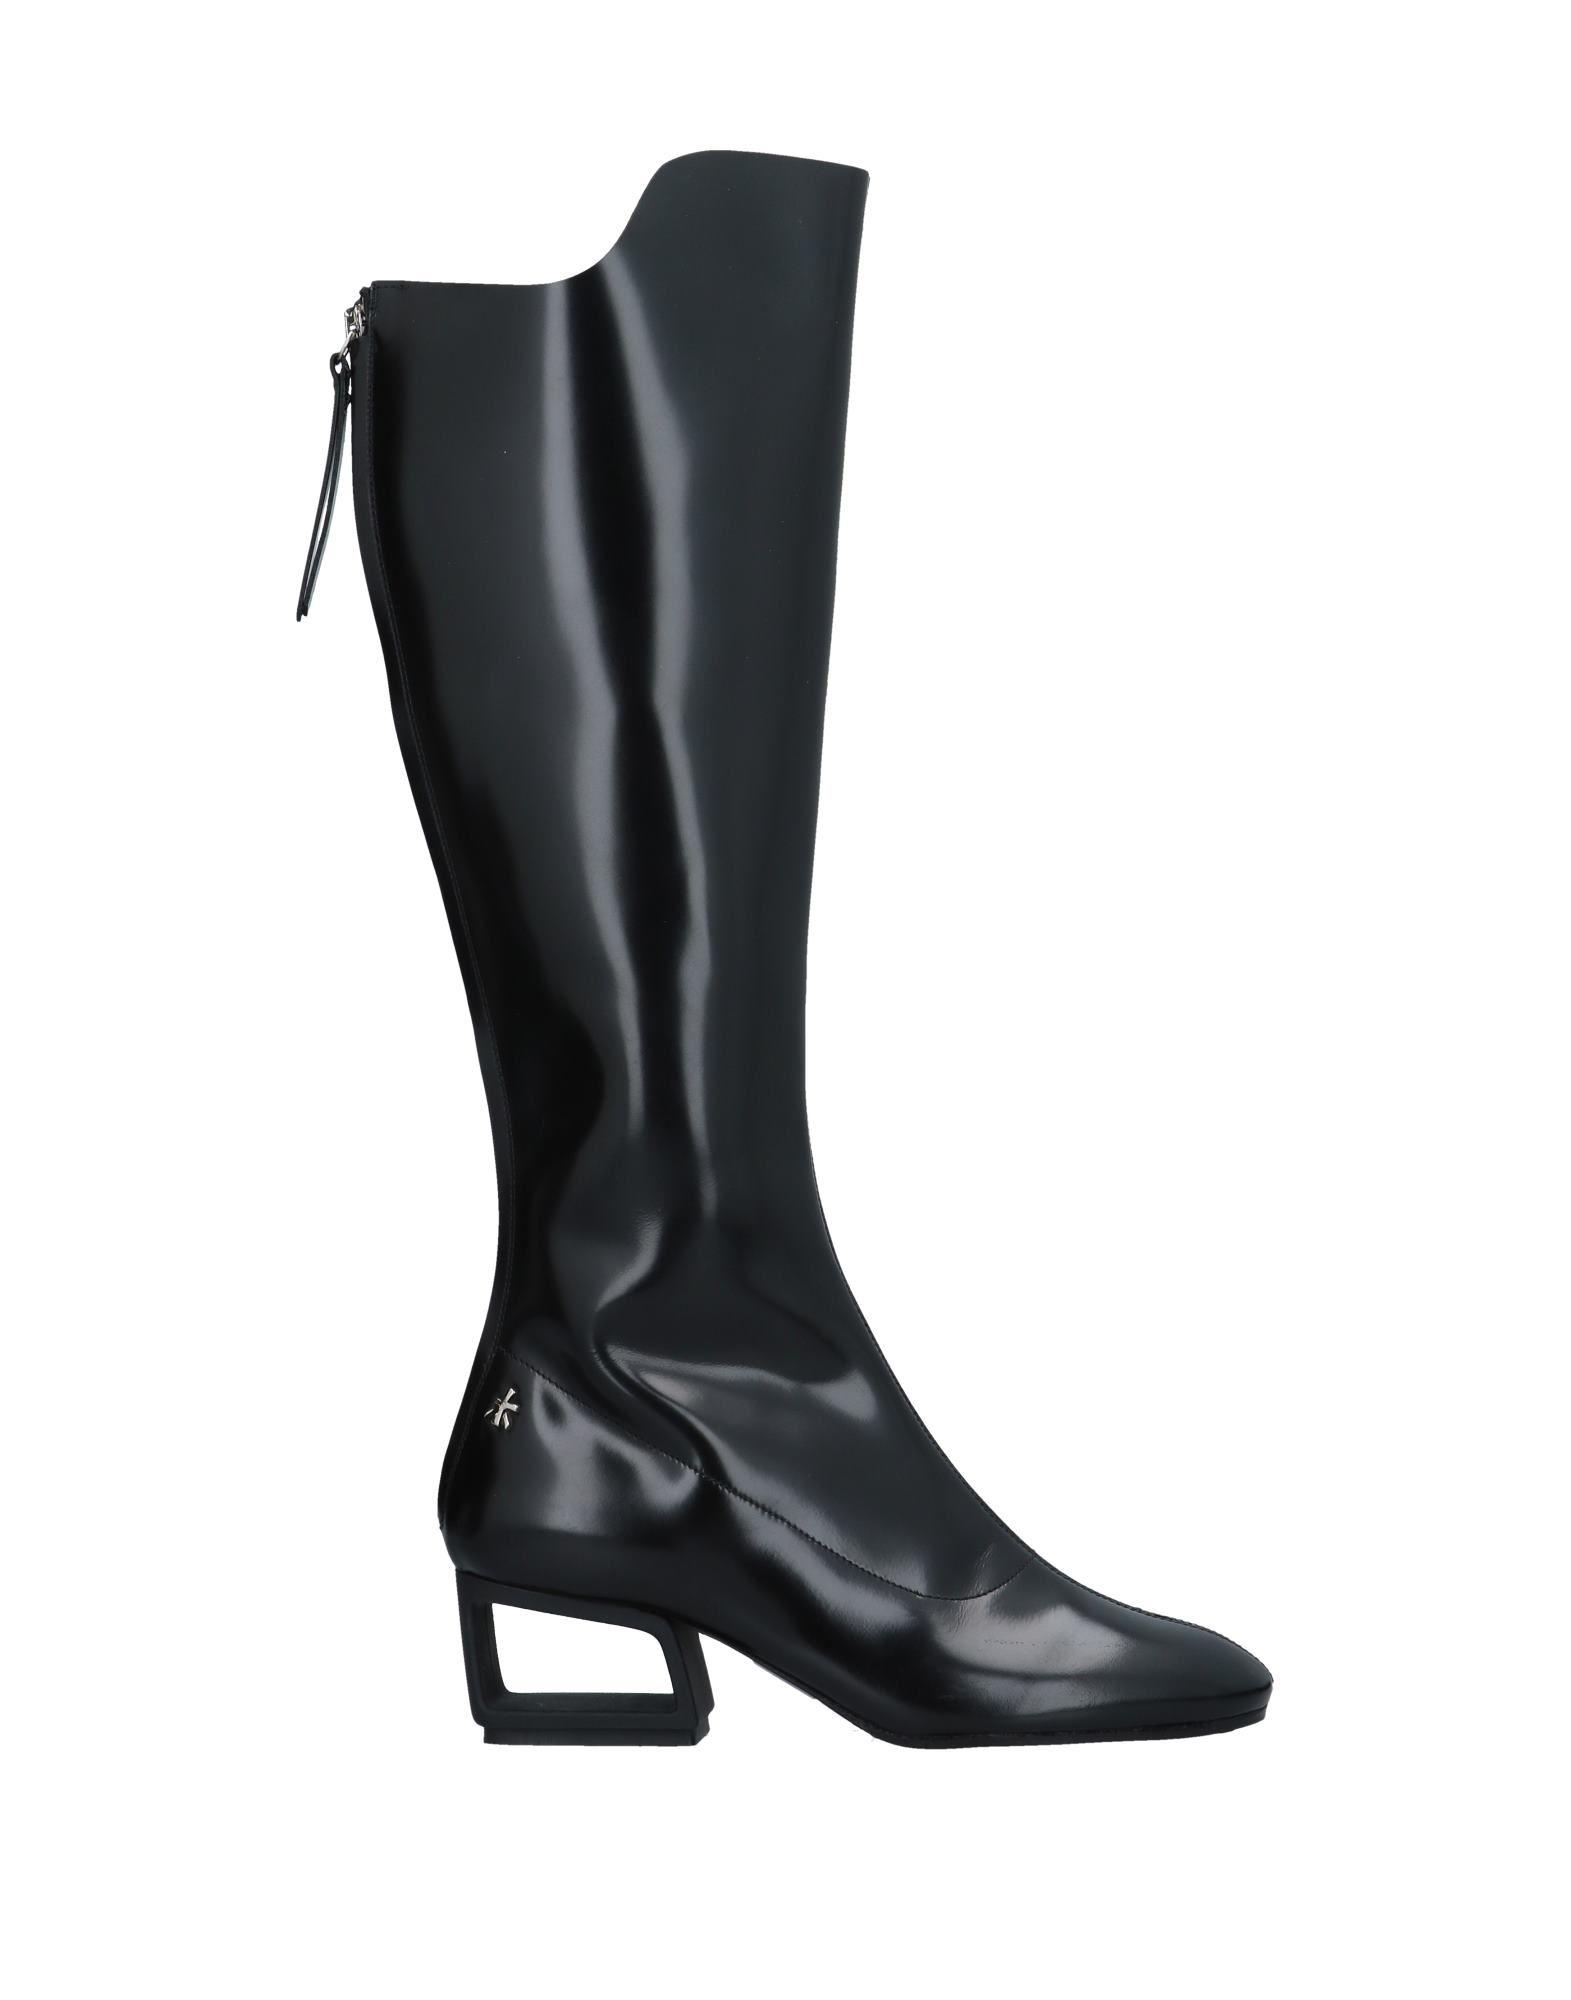 Stivali Premiata Donna - 11527649AV Scarpe economiche e buone